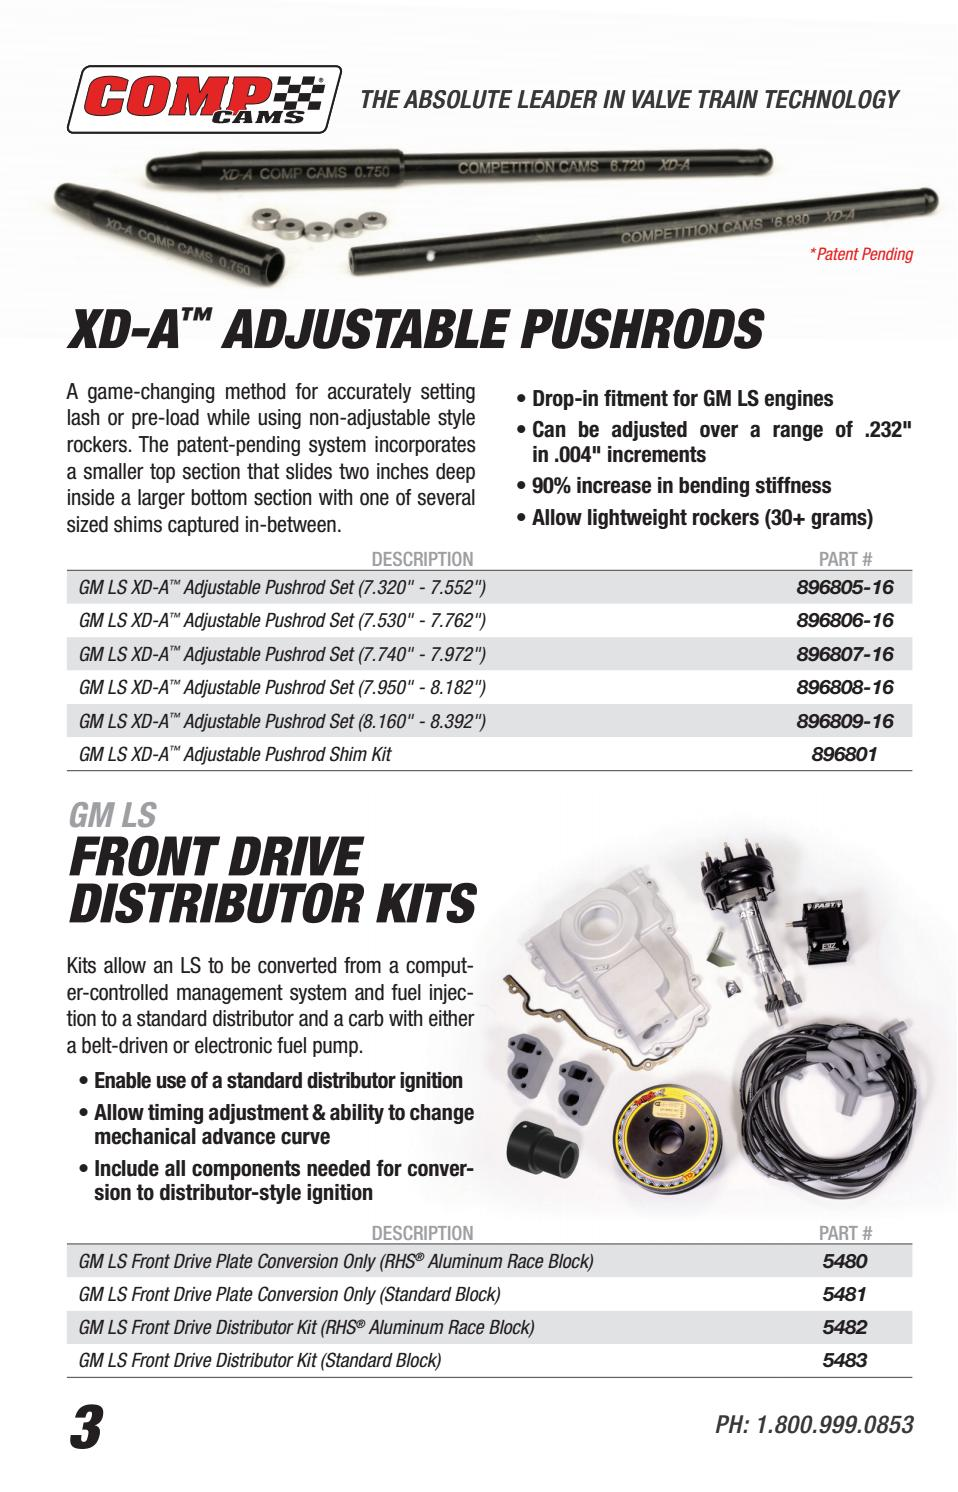 COMP Cams 896806-KIT Adjustable Pushrod Set